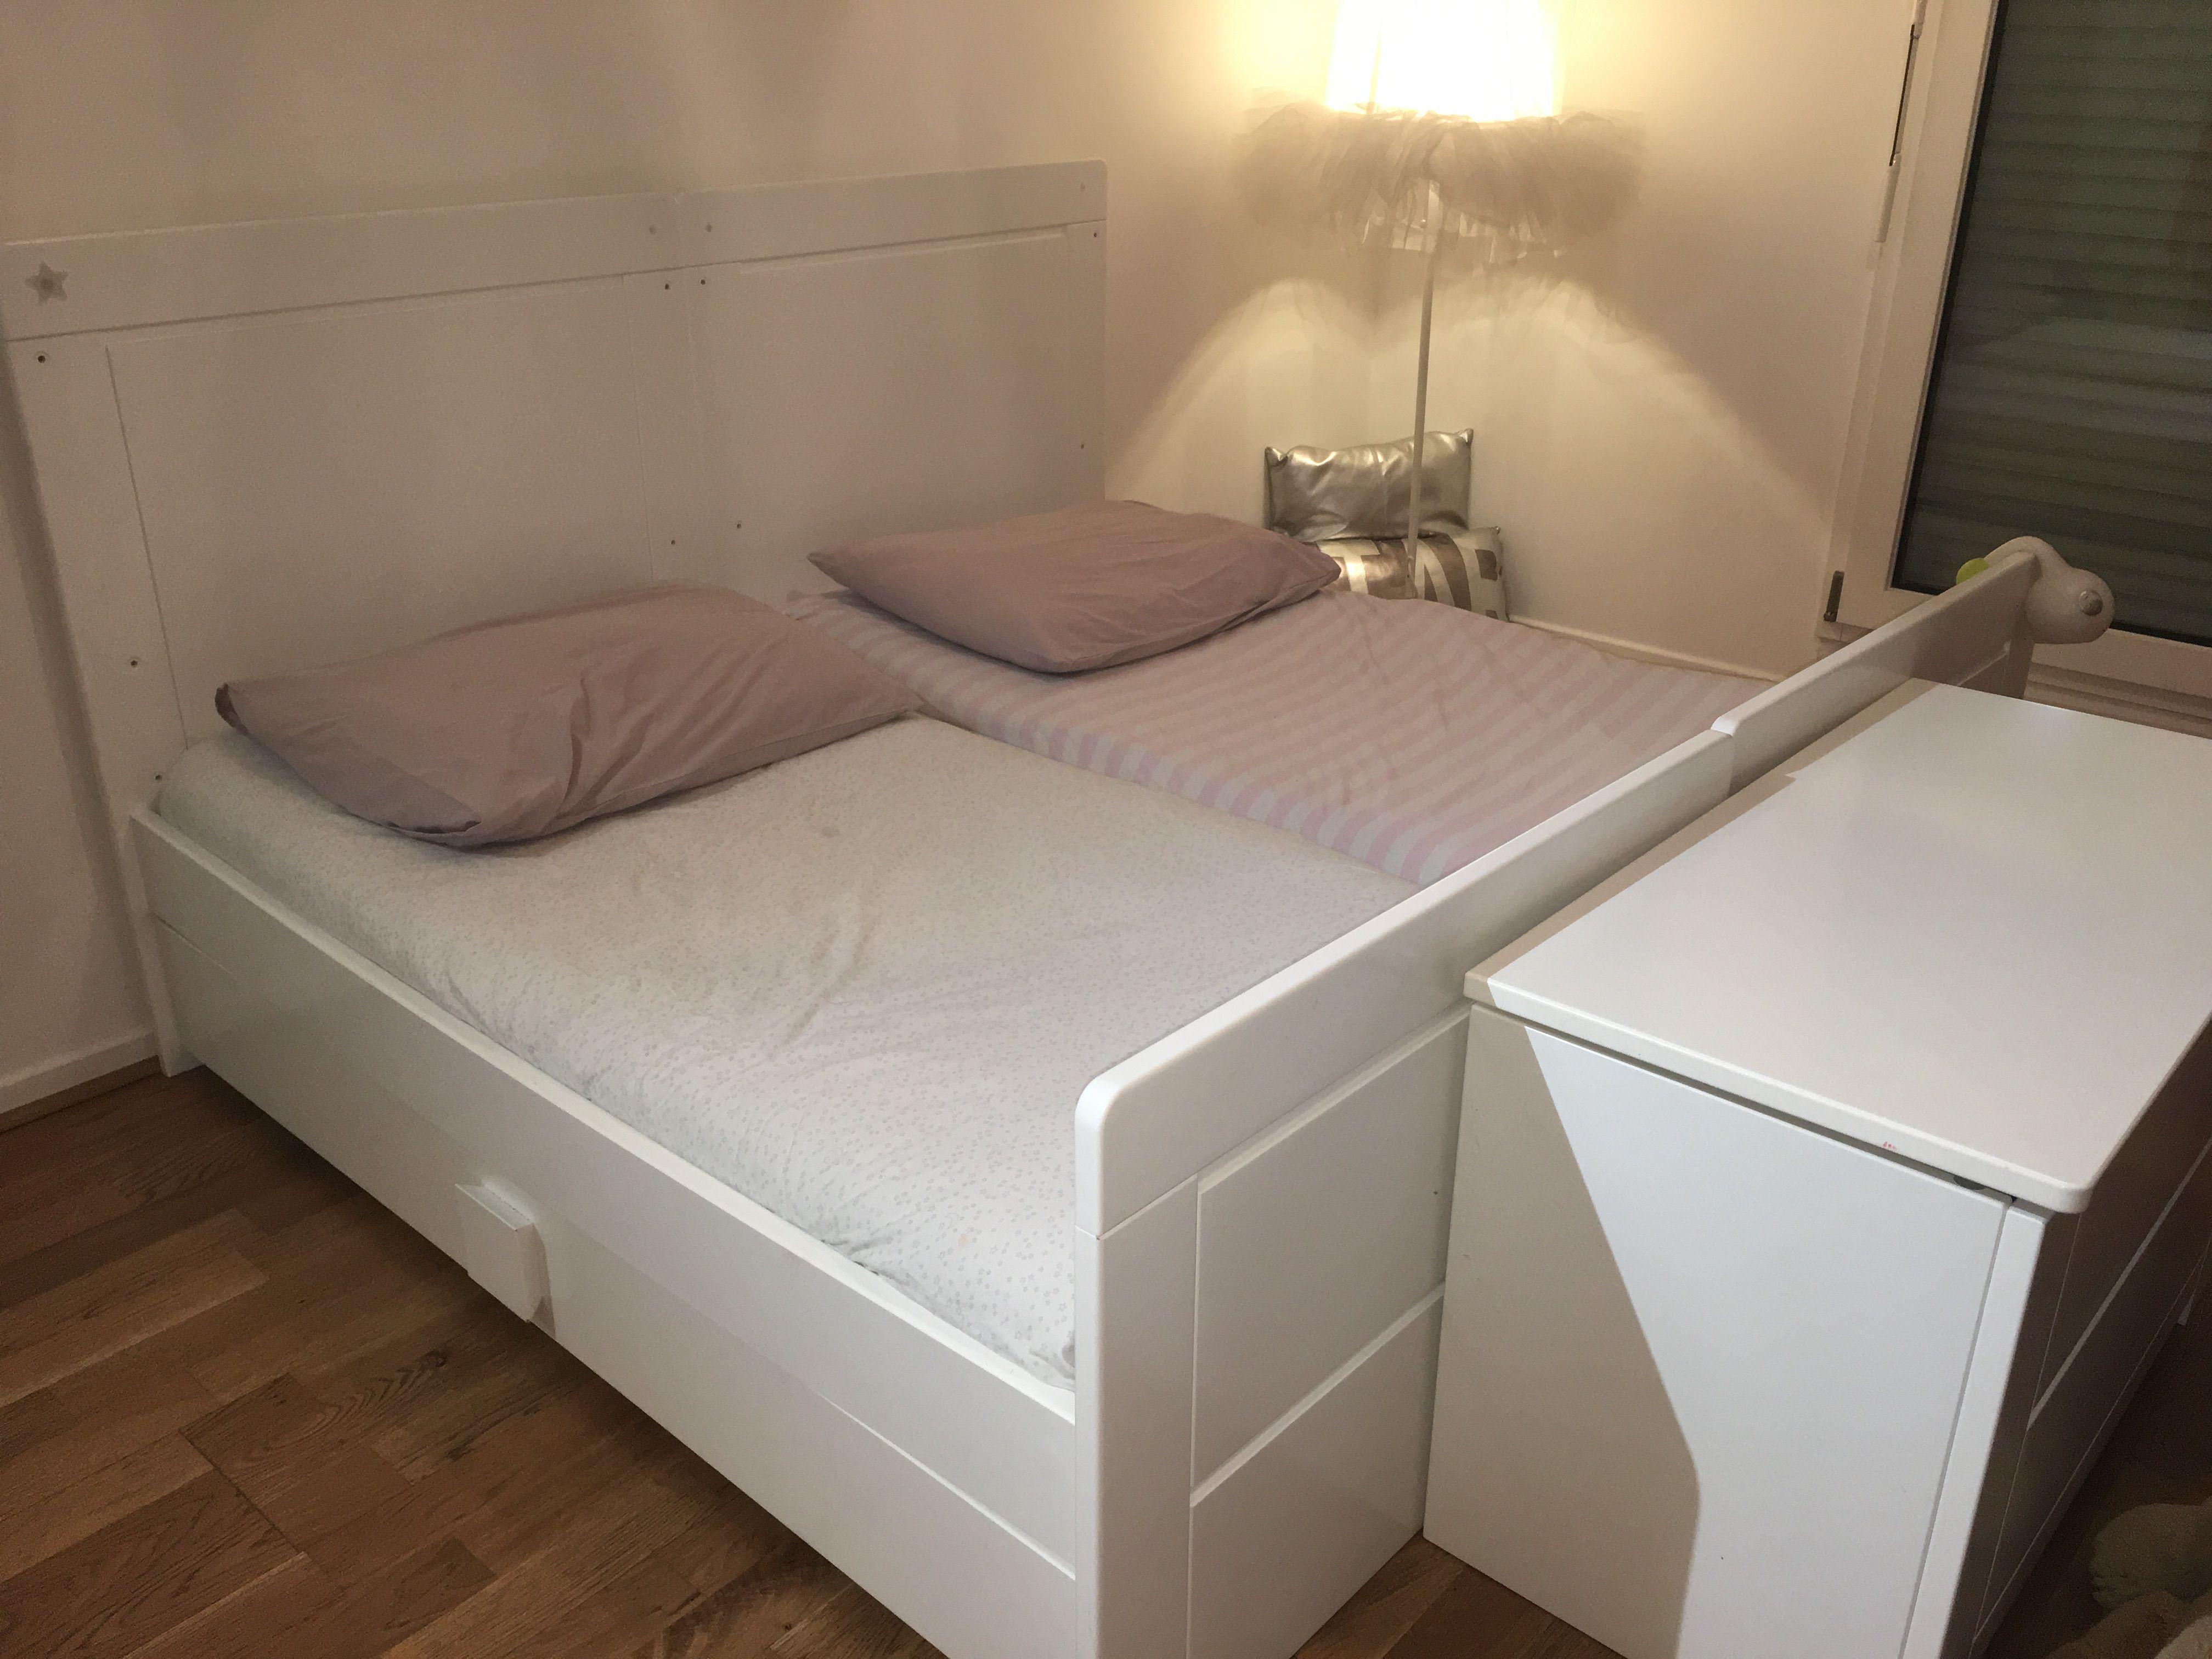 lits volutifs occasion annonces achat et vente de lits volutifs paruvendu mondebarras page 10. Black Bedroom Furniture Sets. Home Design Ideas